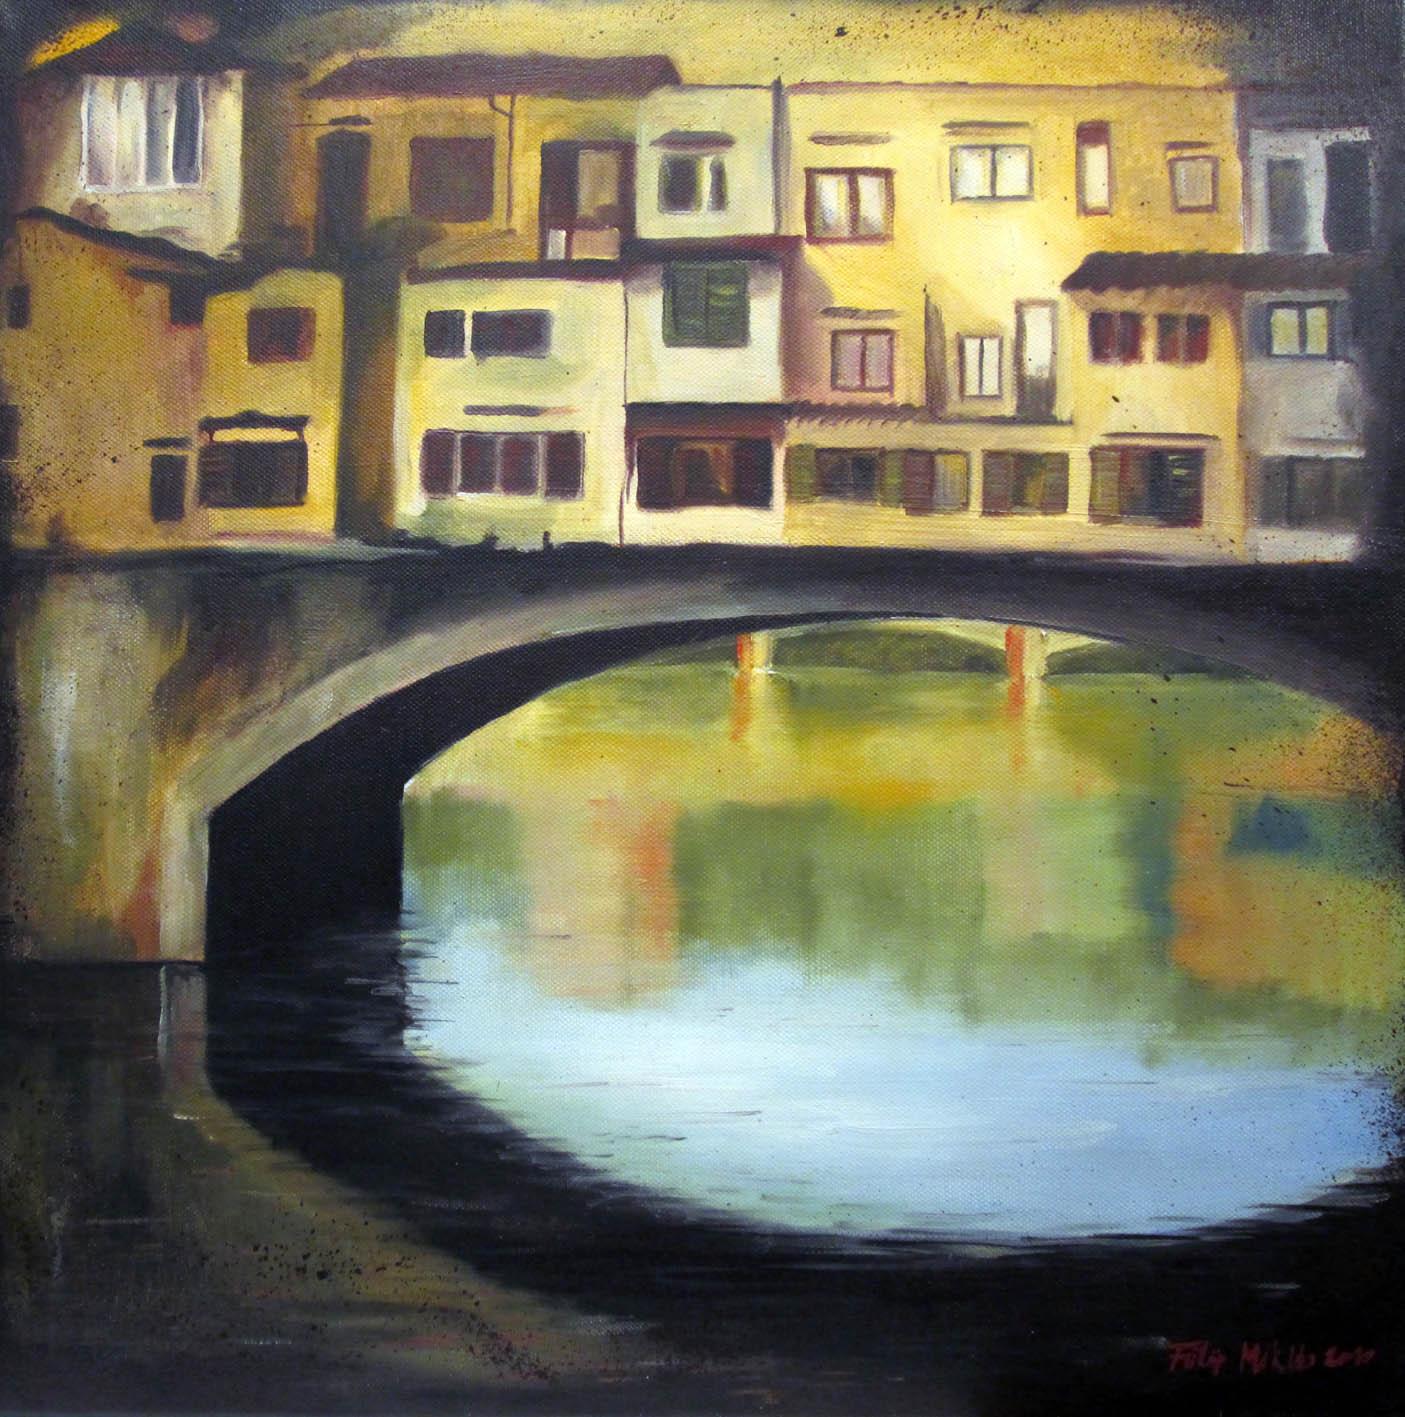 Az Arno tükre<br />50x50 cm, olaj/vászon (2010)<br />45 000 Ft